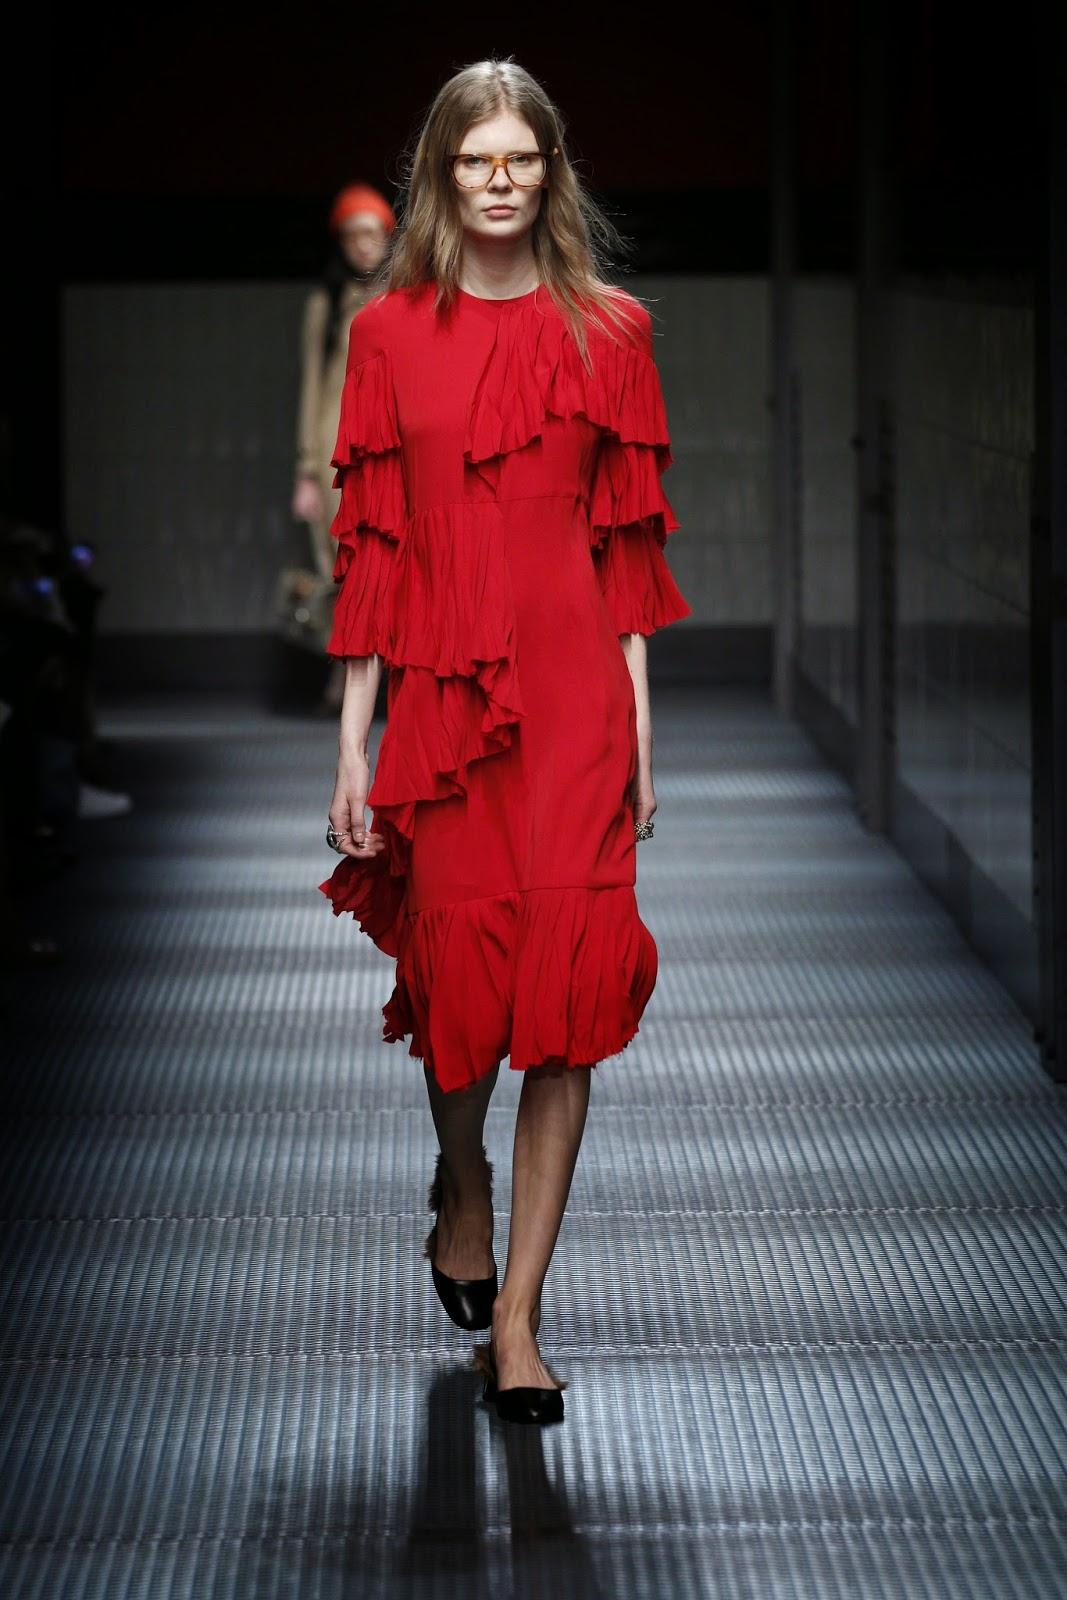 Fashionweek Milano 2015_09